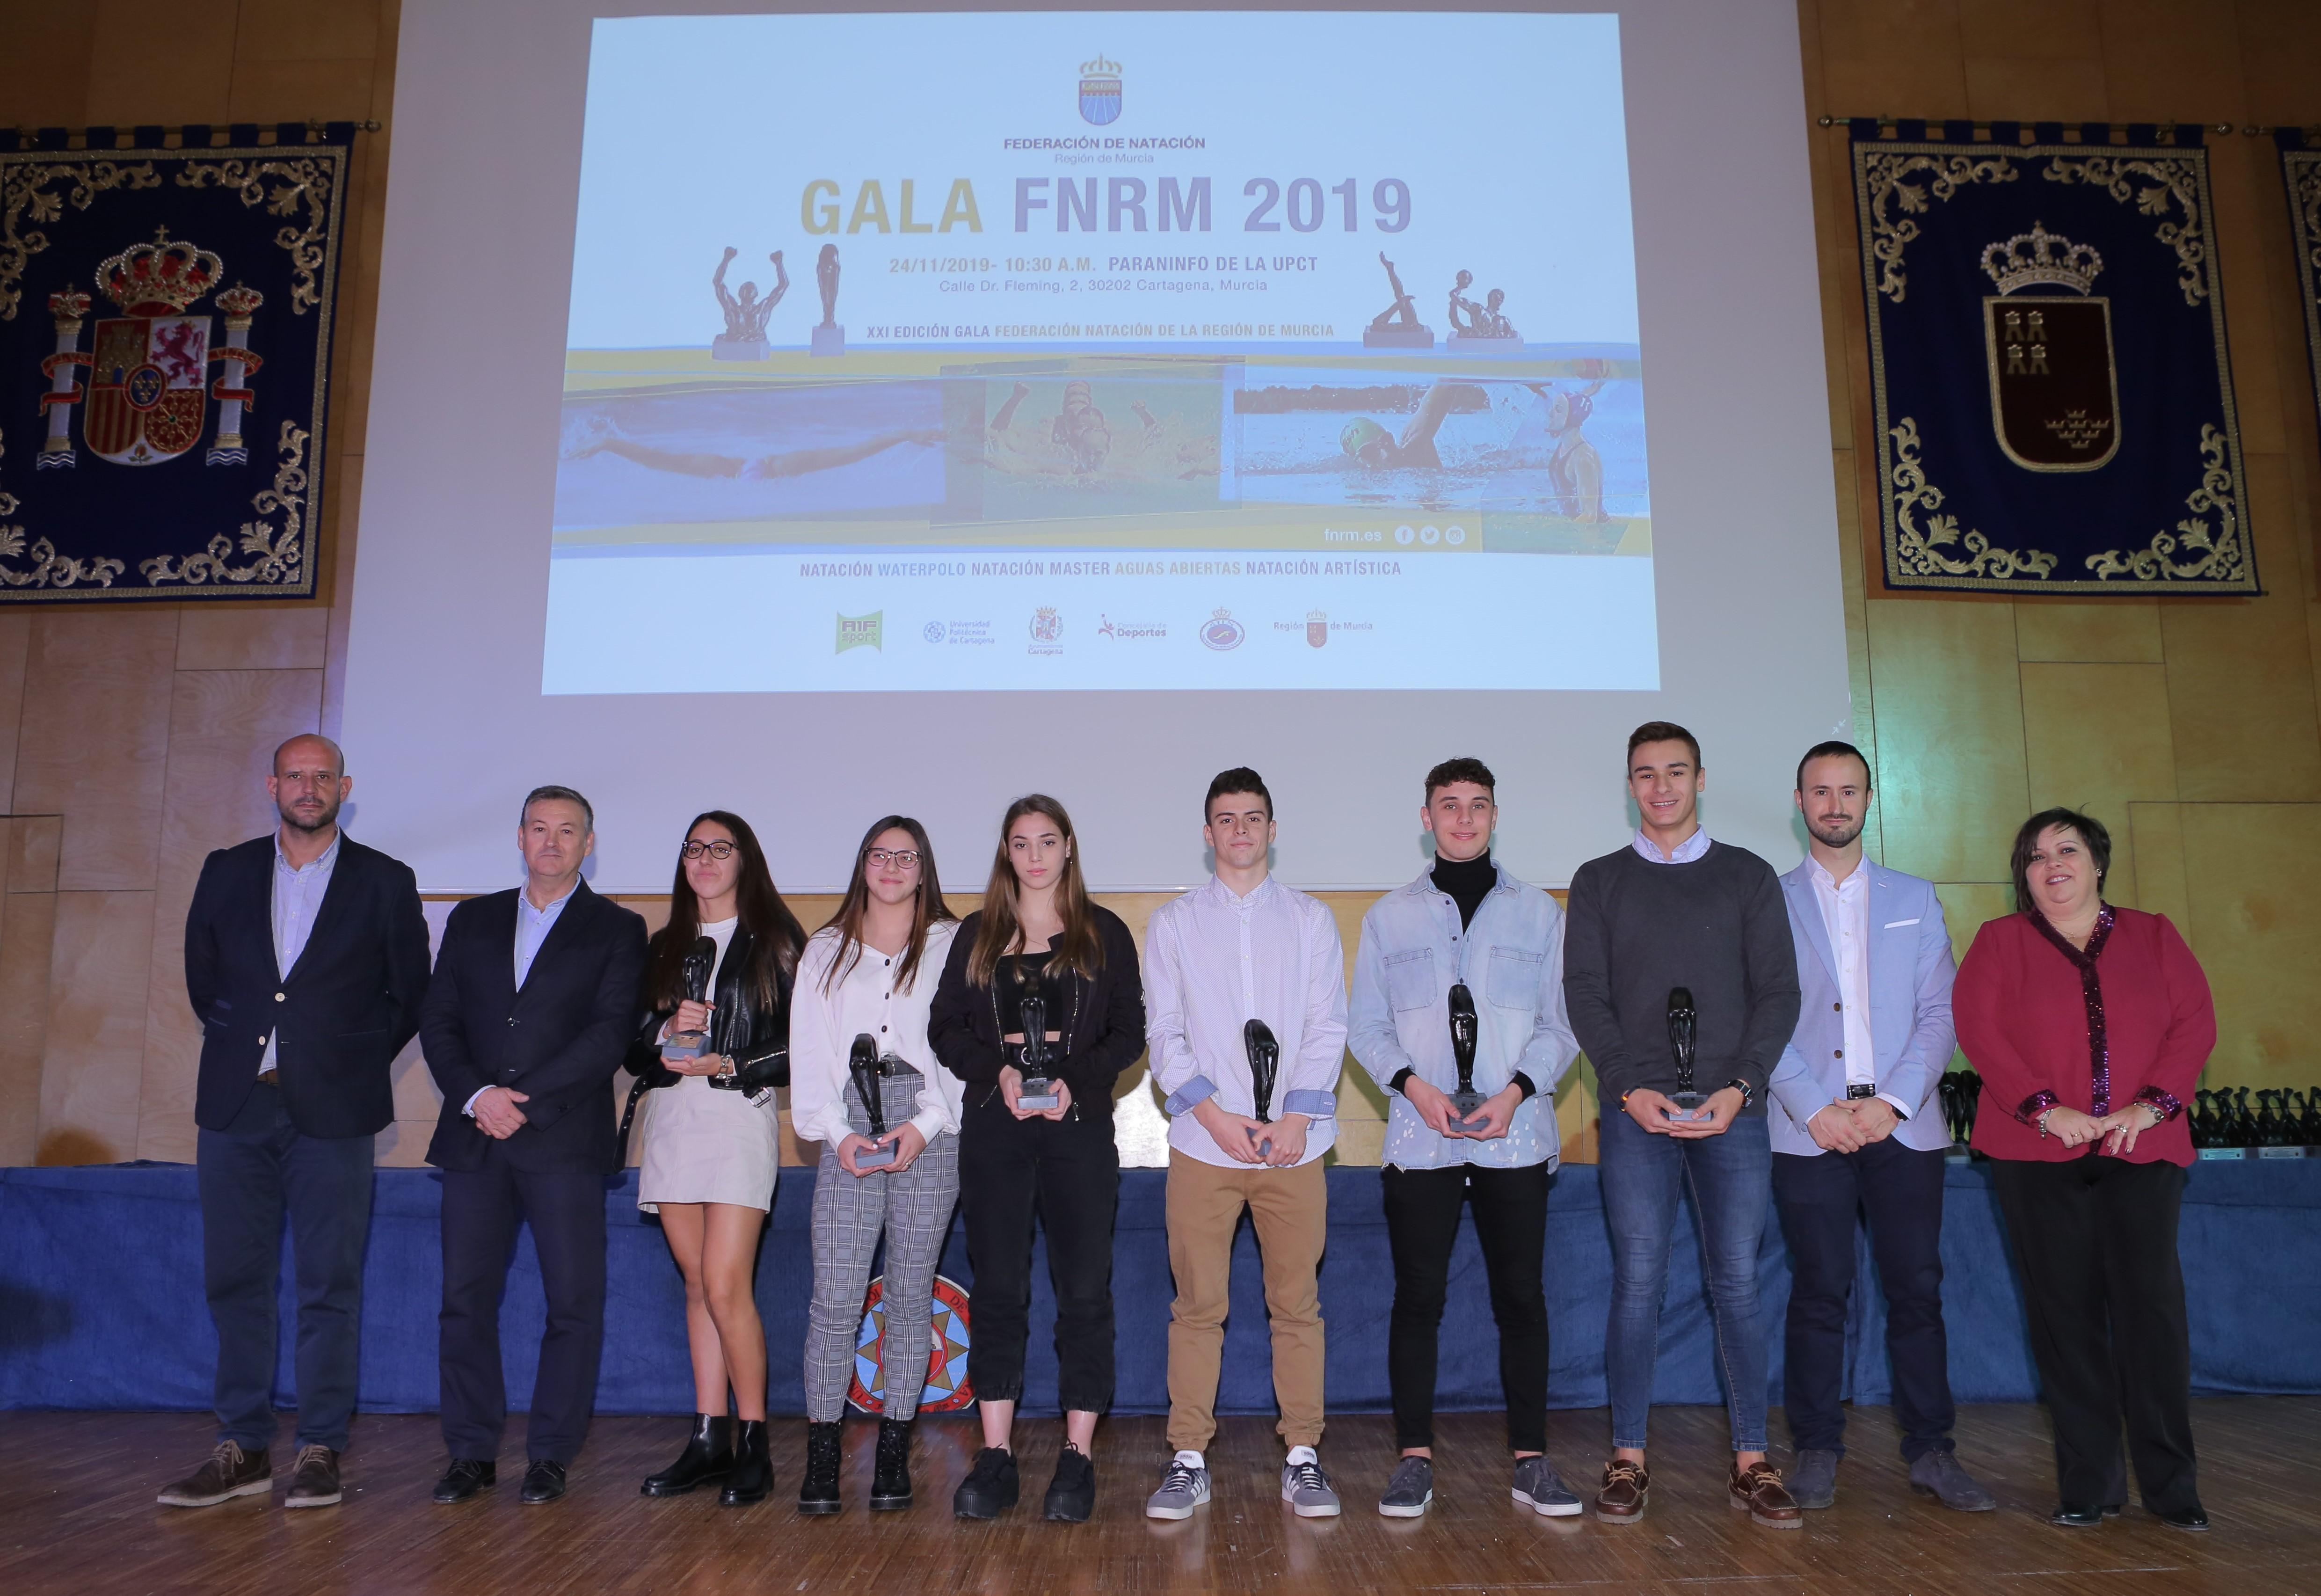 GALA FNRM 2019 (60)